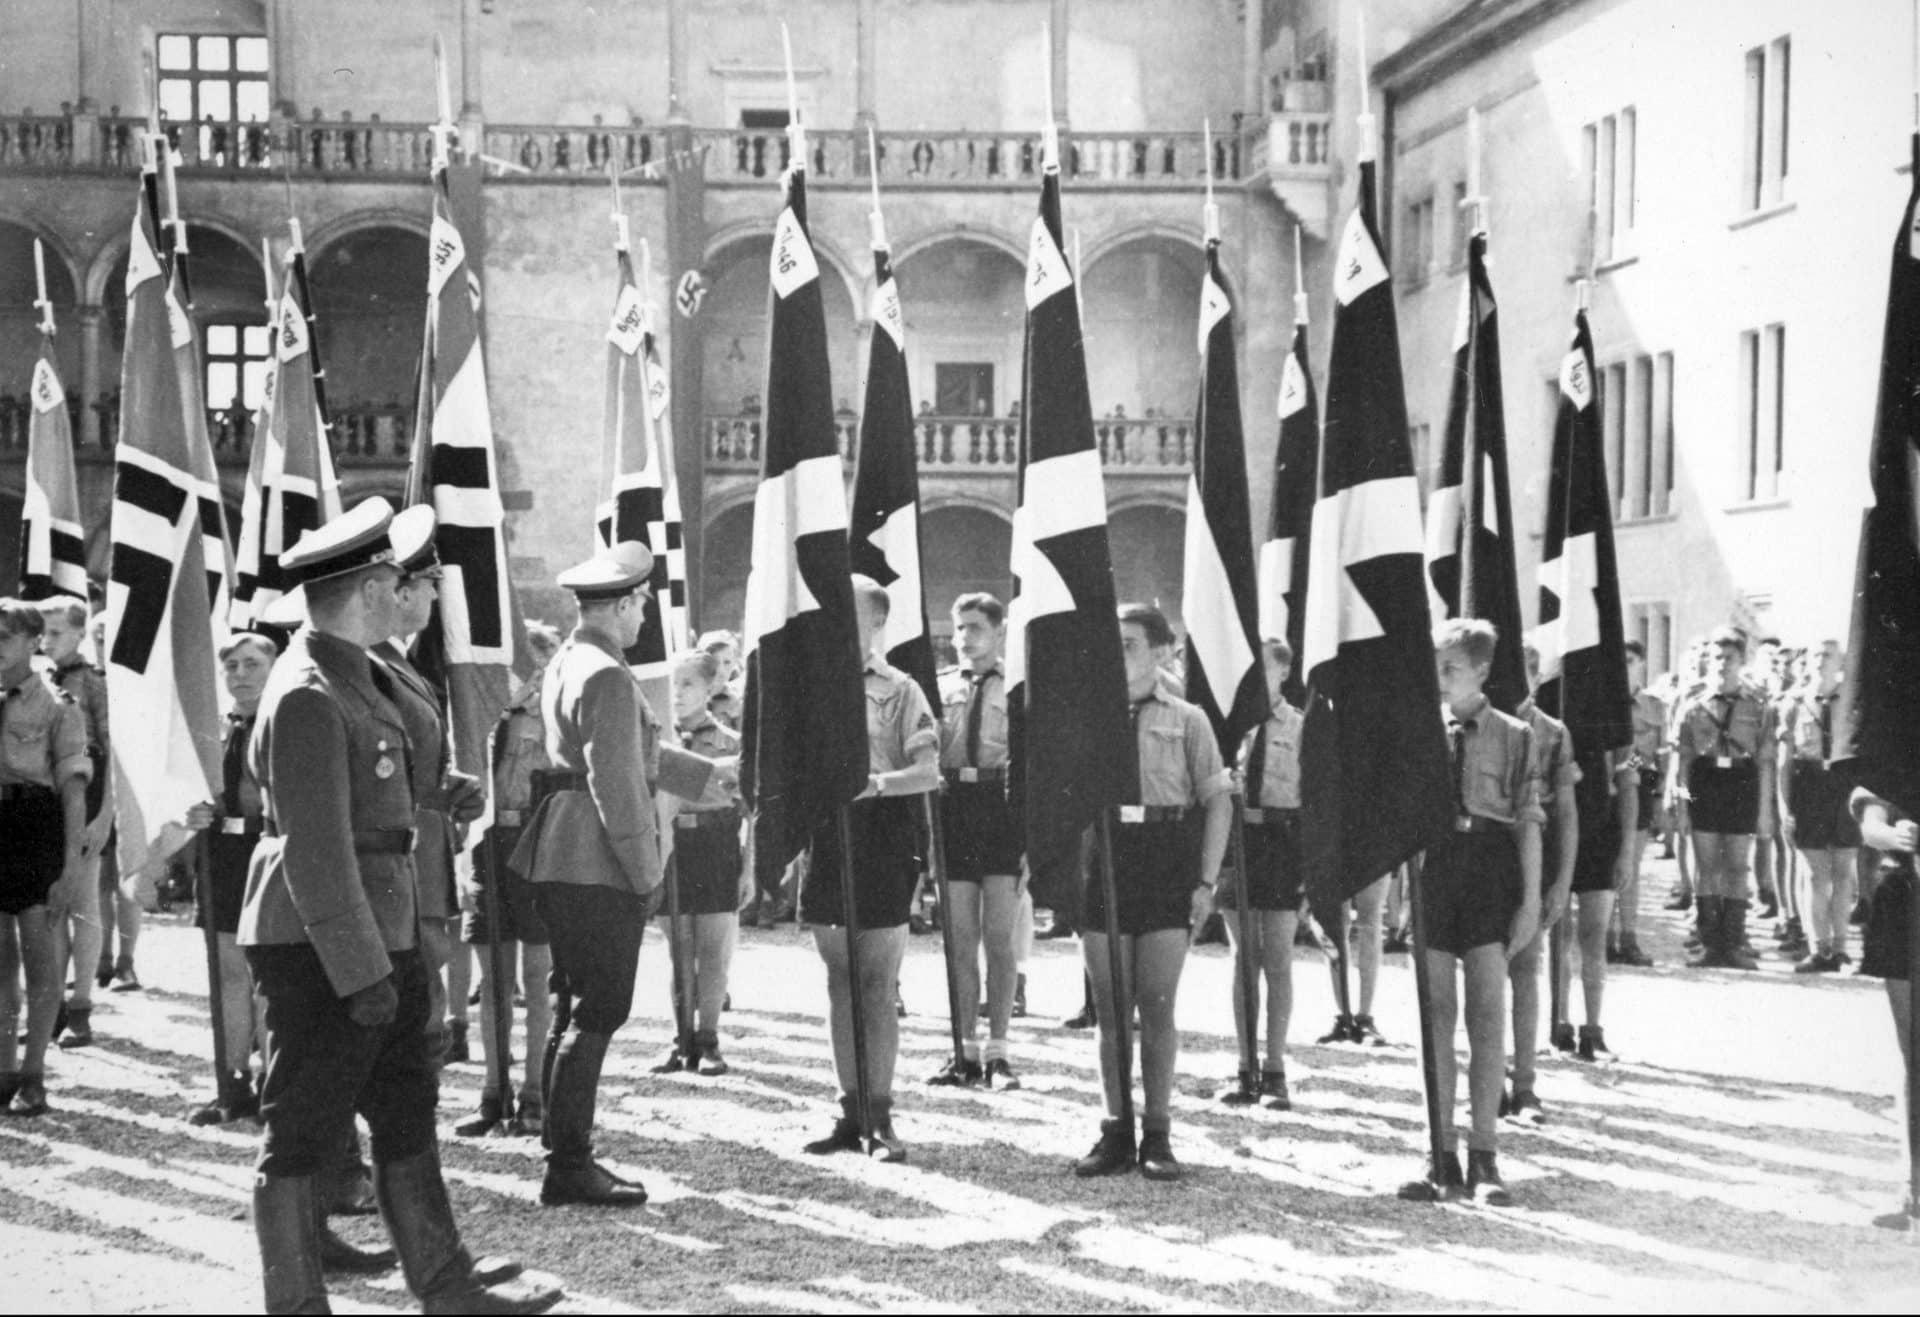 Arthur Axmann (pierwszy z prawej), Hans Frank (drugi z lewej) i Forschle przed pocztami sztandarowymi Hitlerjugend na dziedzińcu Zamku Królewskiego w Krakowie. Źródło: Narodowe Archiwum Cyfrowe. Niemiecka okupacja w Krakowie